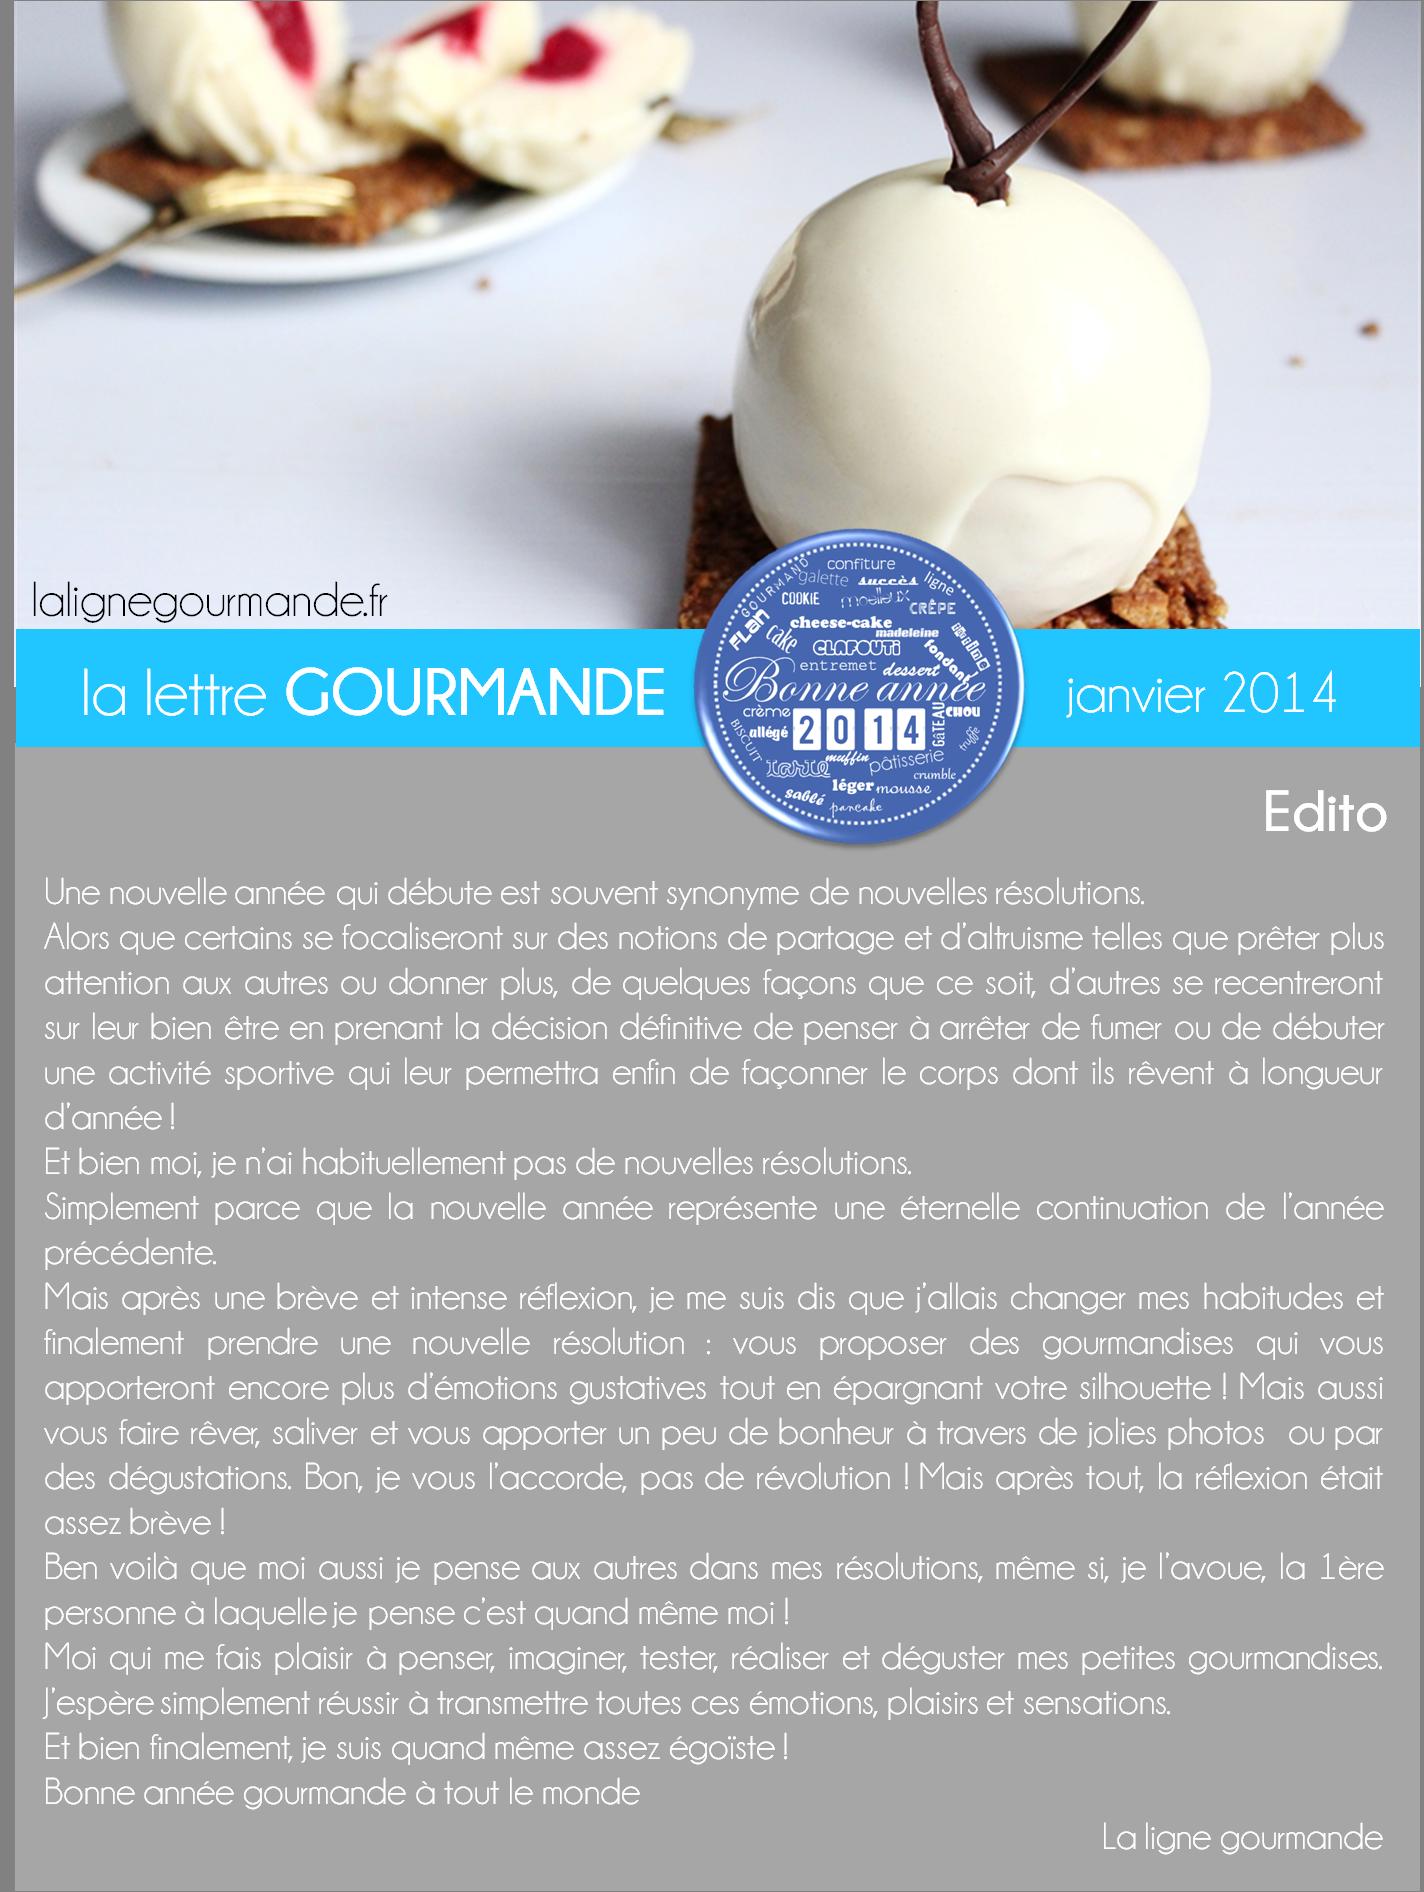 edito newsletter janvier